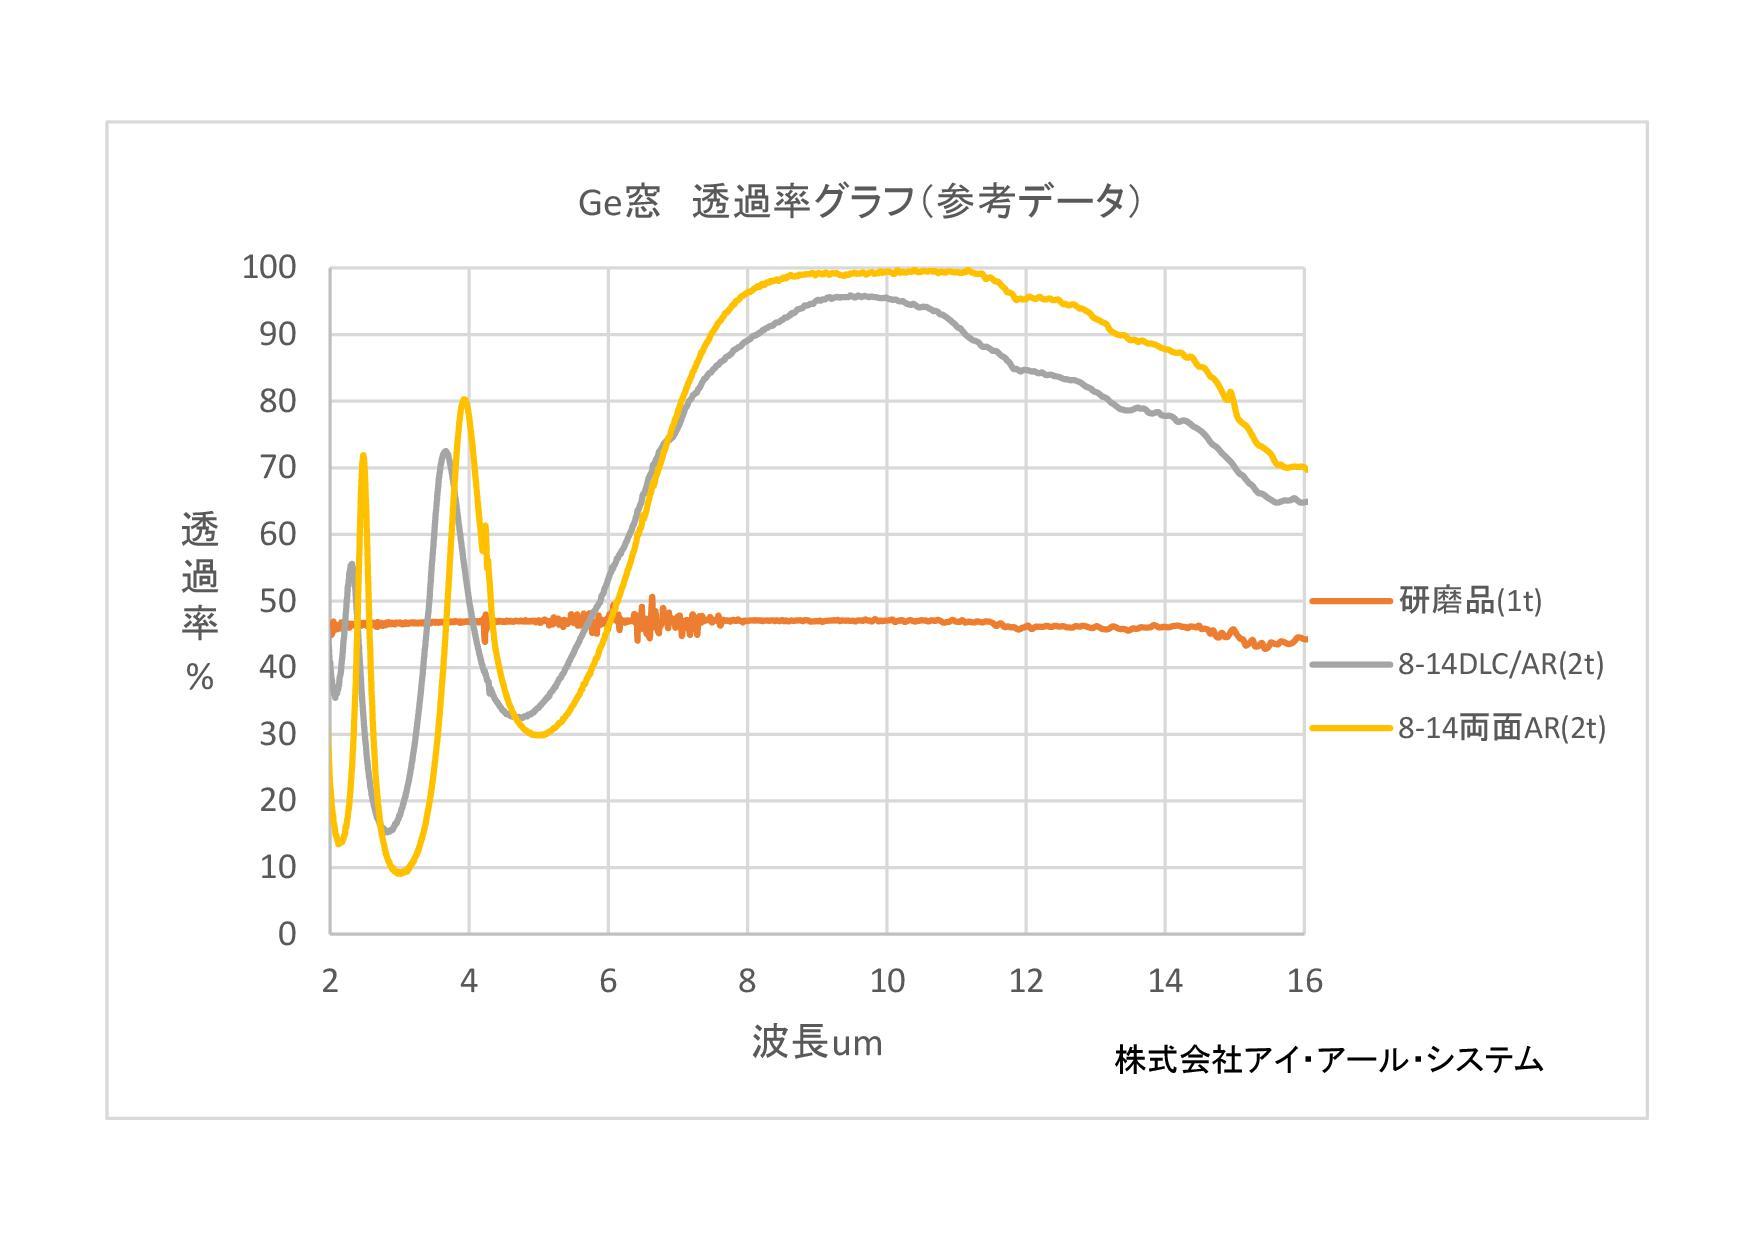 ゲルマニウム(Ge)透過率グラフ